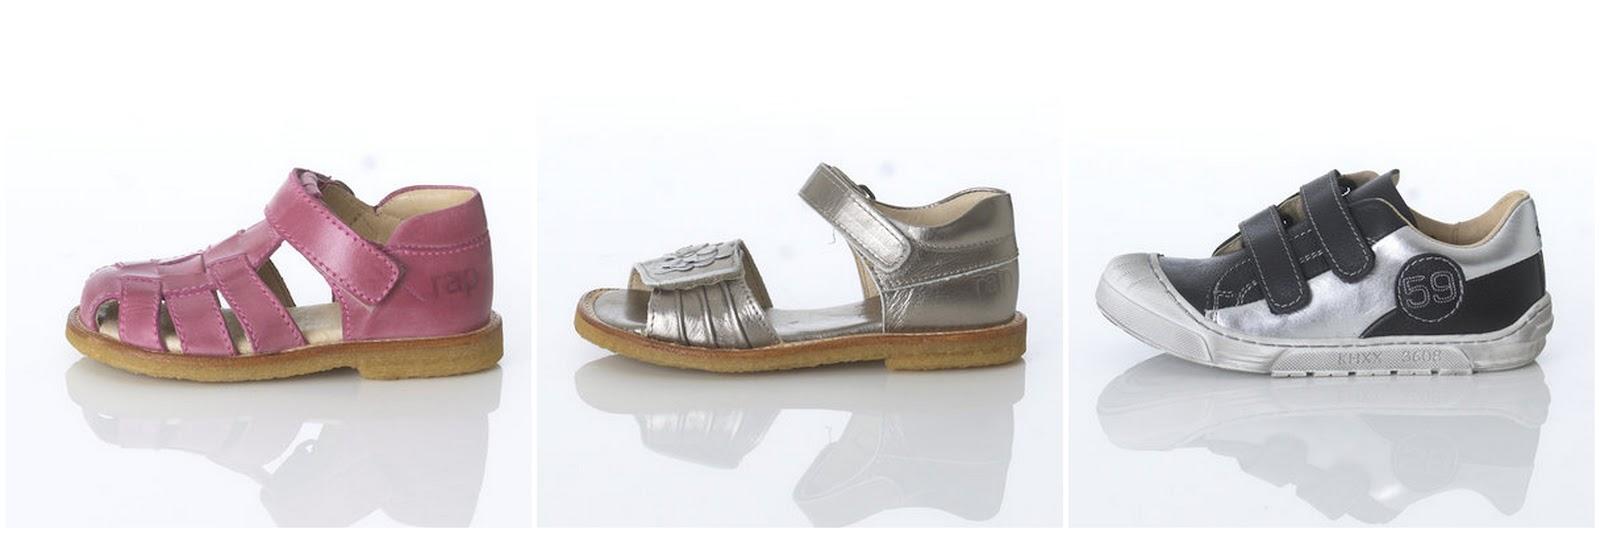 6b31c9ec29d Du kan her læse om vores oplevelser af skoene og få chancen for at vinde et  par RAP sko til dit eget barn.